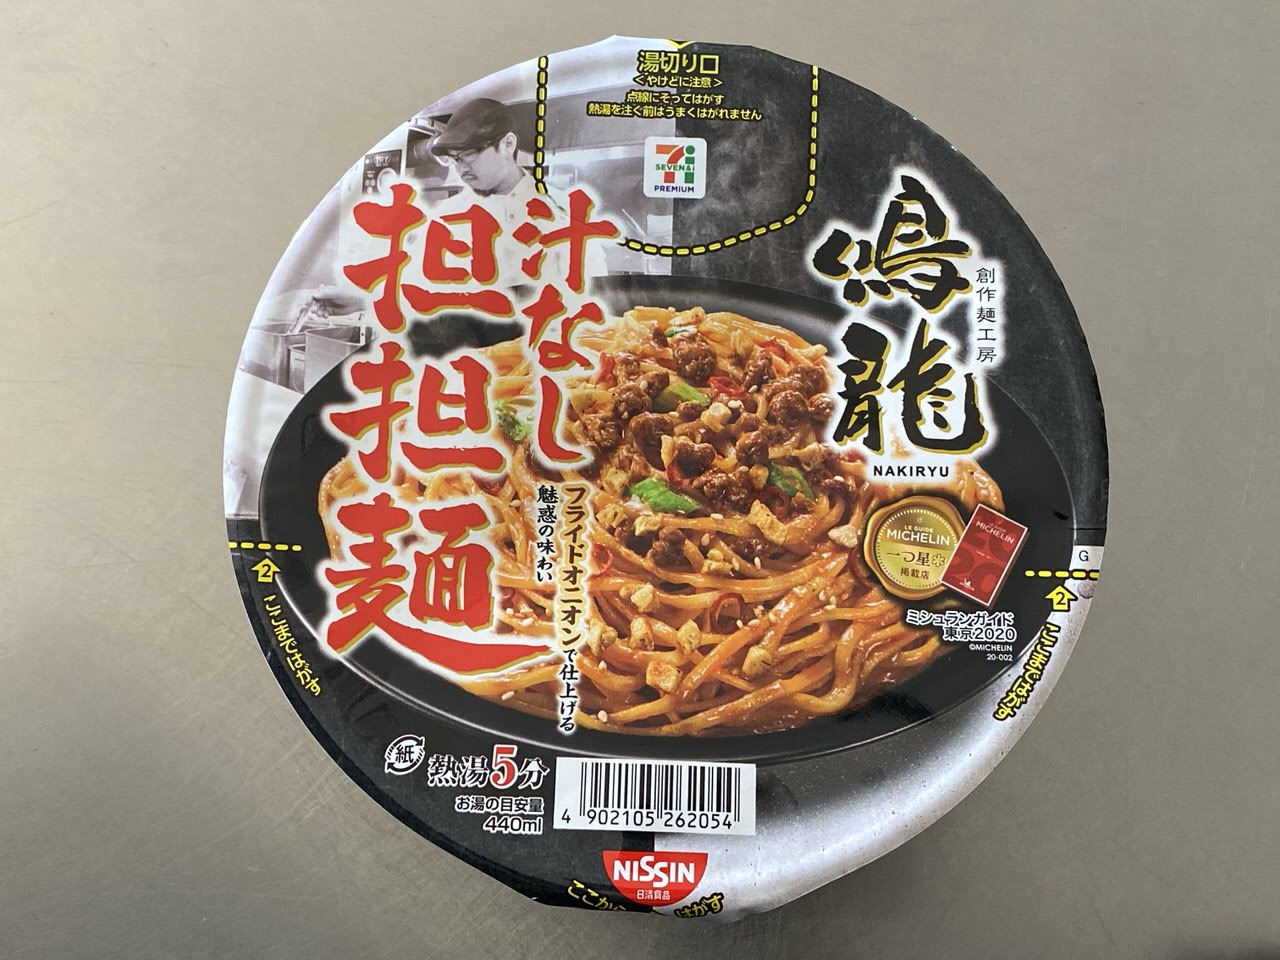 【セブンイレブン】「鳴龍 汁なし担担麺」花椒の利いた担々タレが絡む麺が美味い。繰り返す、もちもちの麺が美味い!